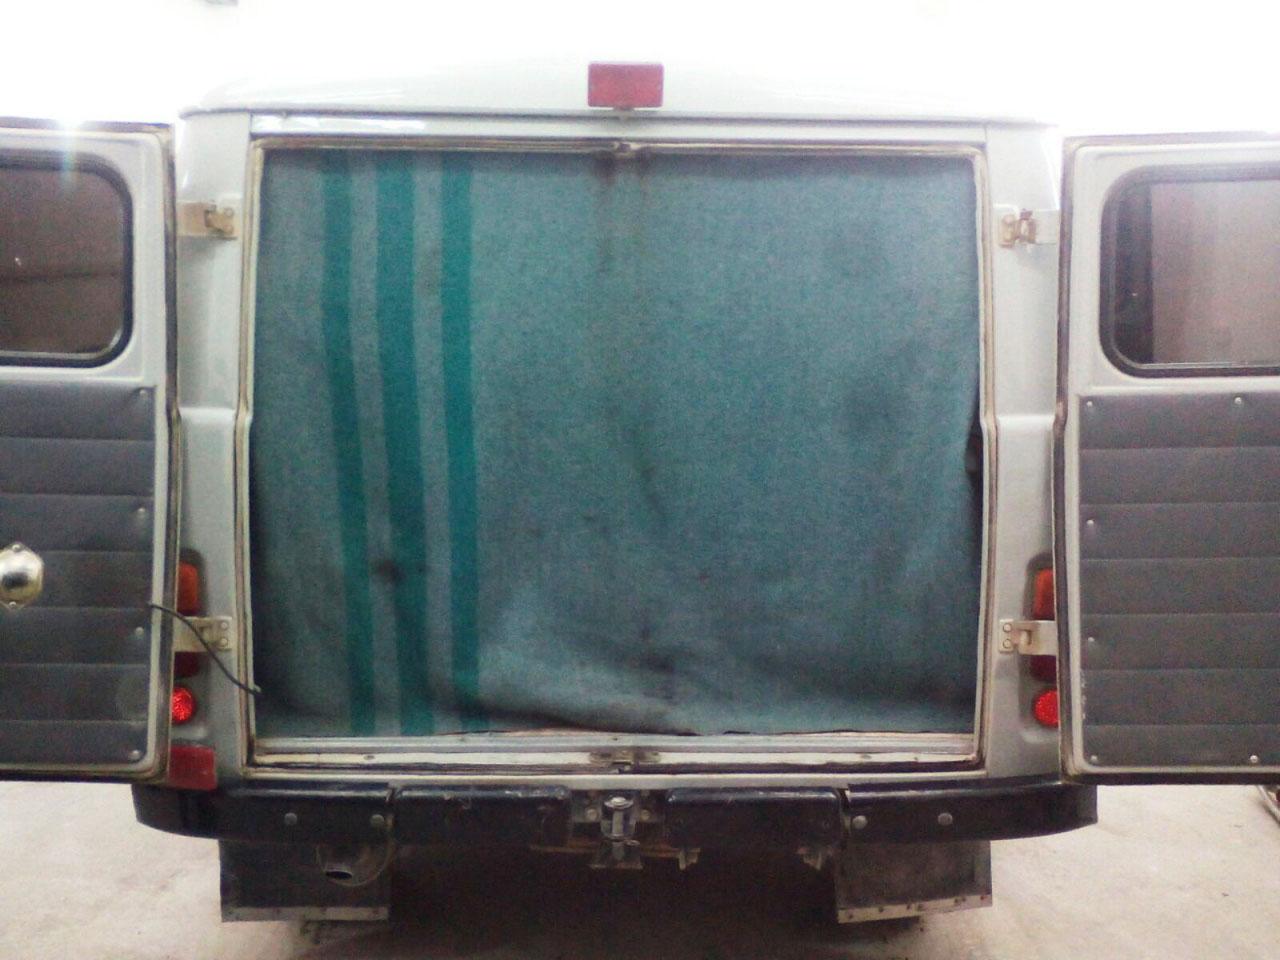 Пос. Талая, автомобиль скорой помощи. Таким образом работники утепляют машину, чтобы не замерзли больные